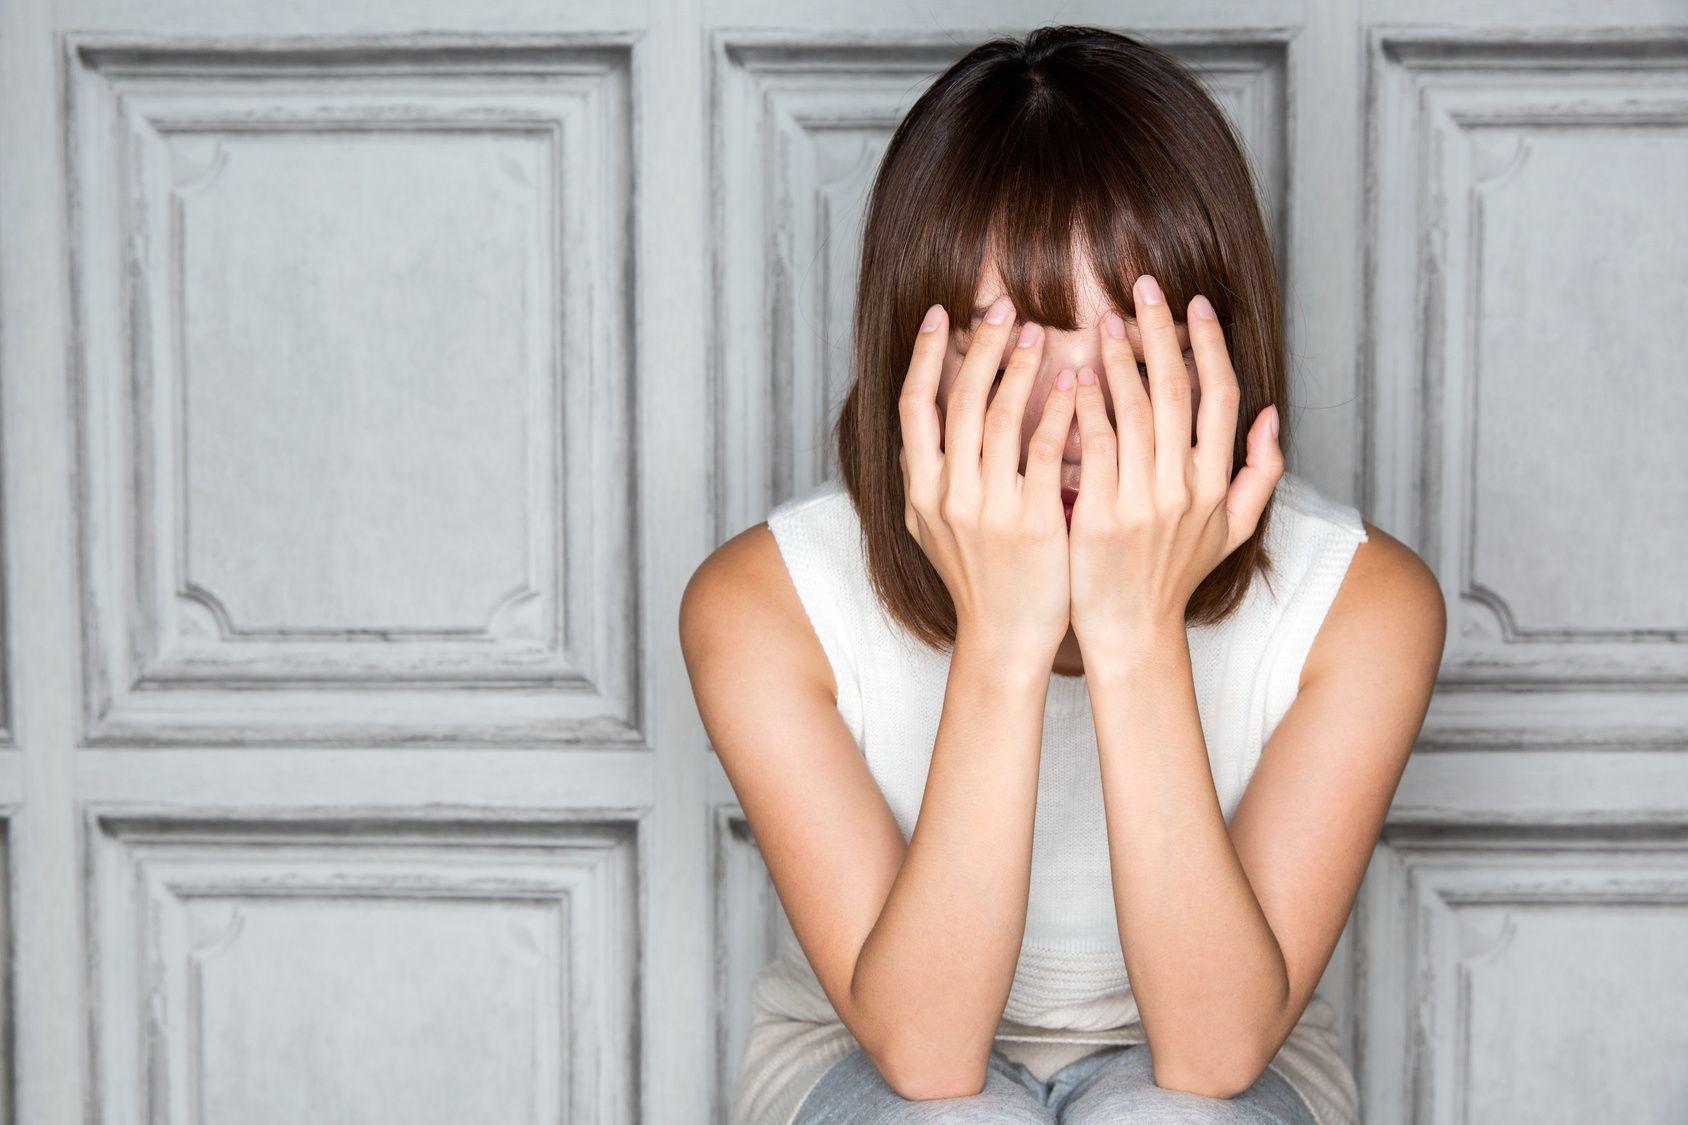 再婚の反対をされたらどうする!?反対にあったみんなの体験談・エピソード